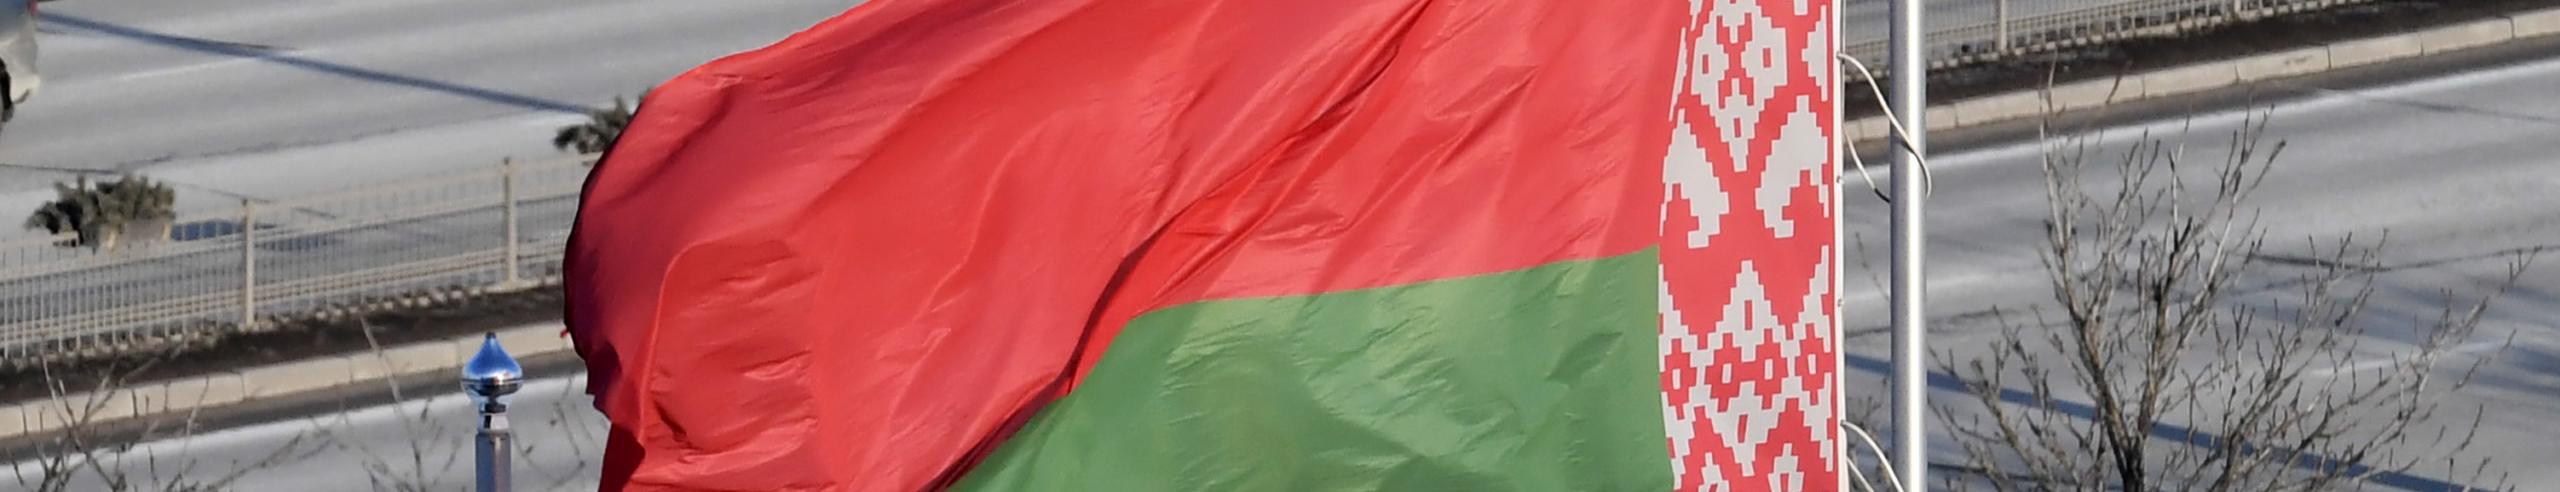 Dinamo Brest-Slaviya Mozyr, i campioni di Bielorussia pronti a una sfida dove non mancheranno gol ed emozioni